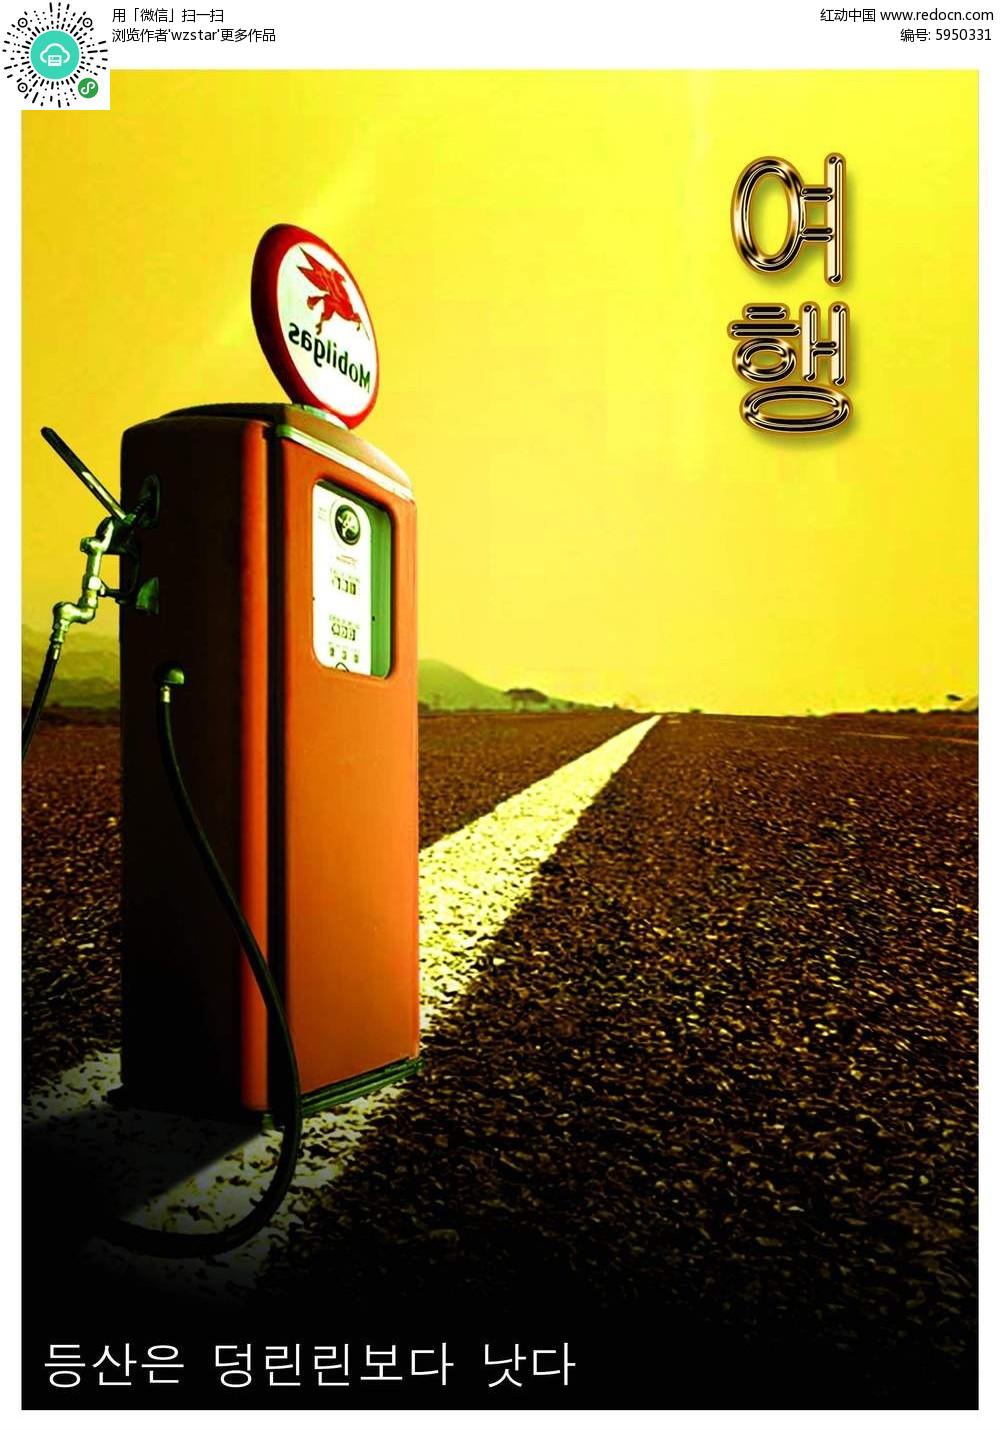 加油站海报设计